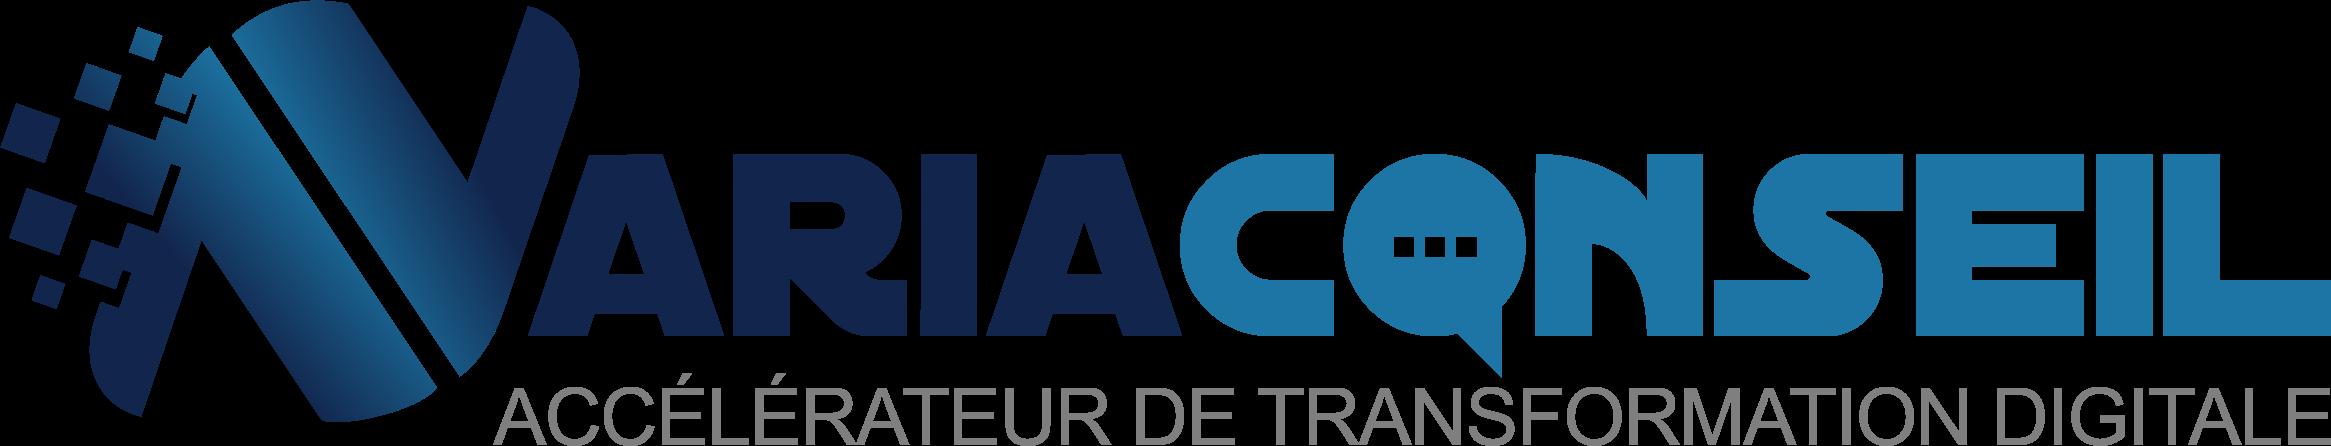 logo_Naria